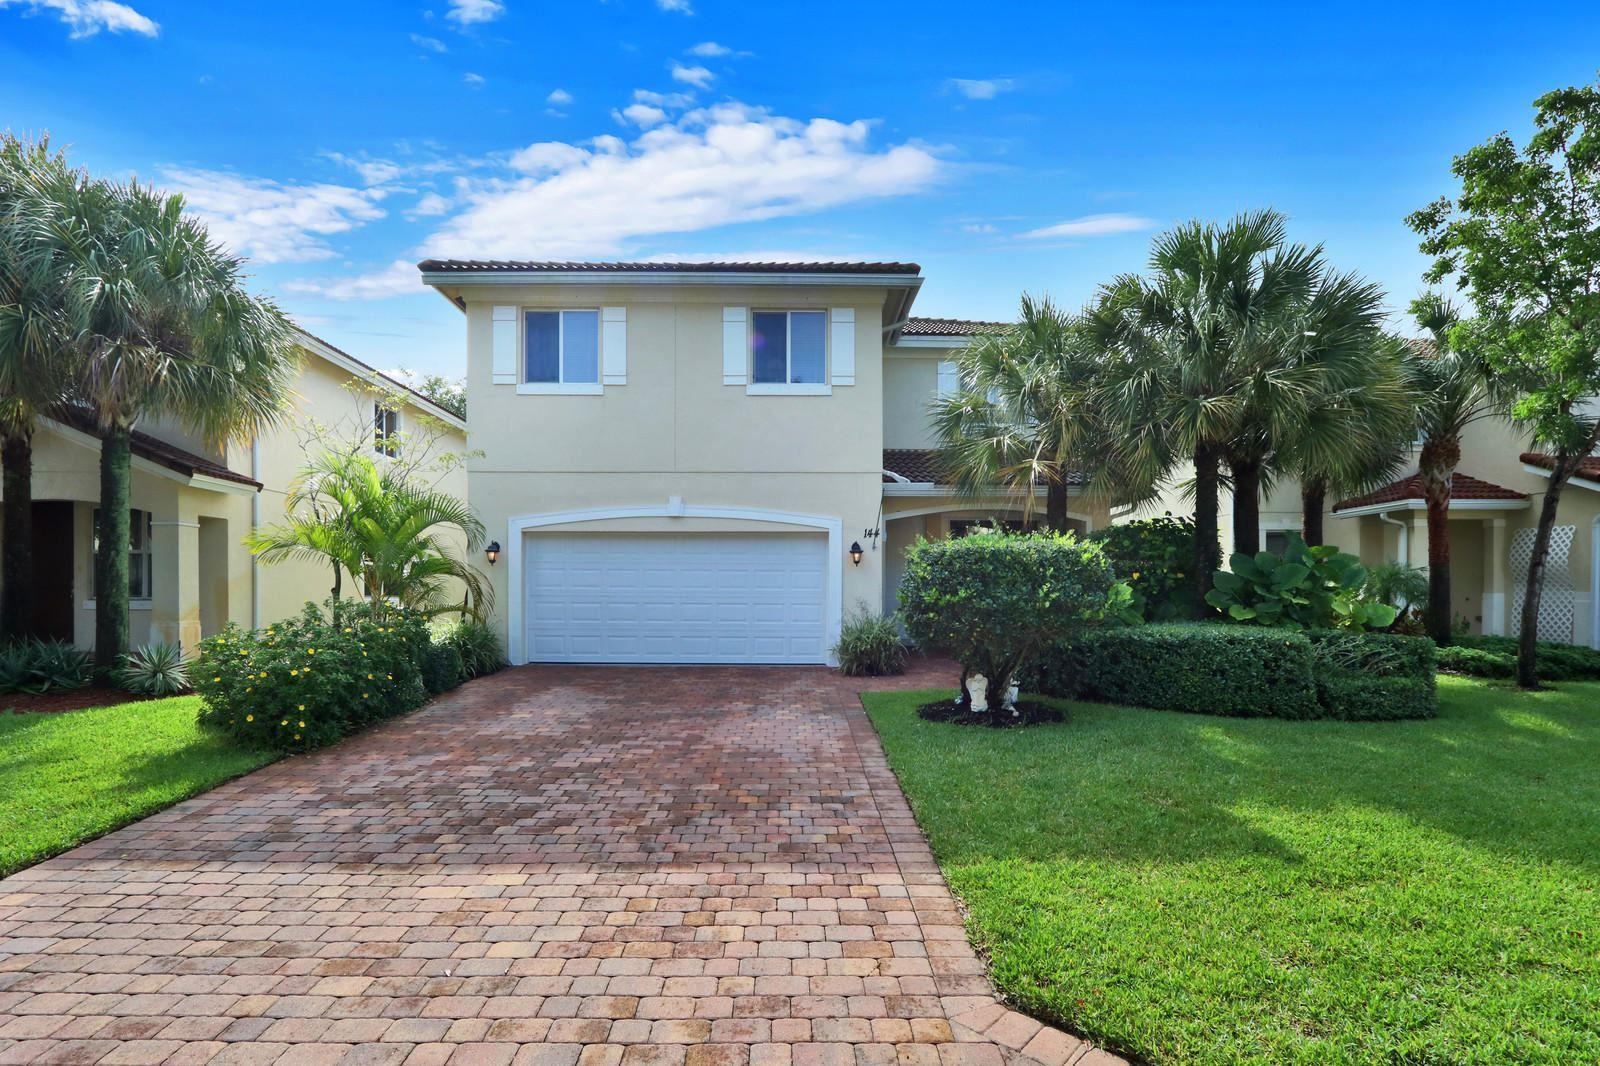 144 Two Pine Drive, Greenacres, FL 33413 - #: RX-10625798